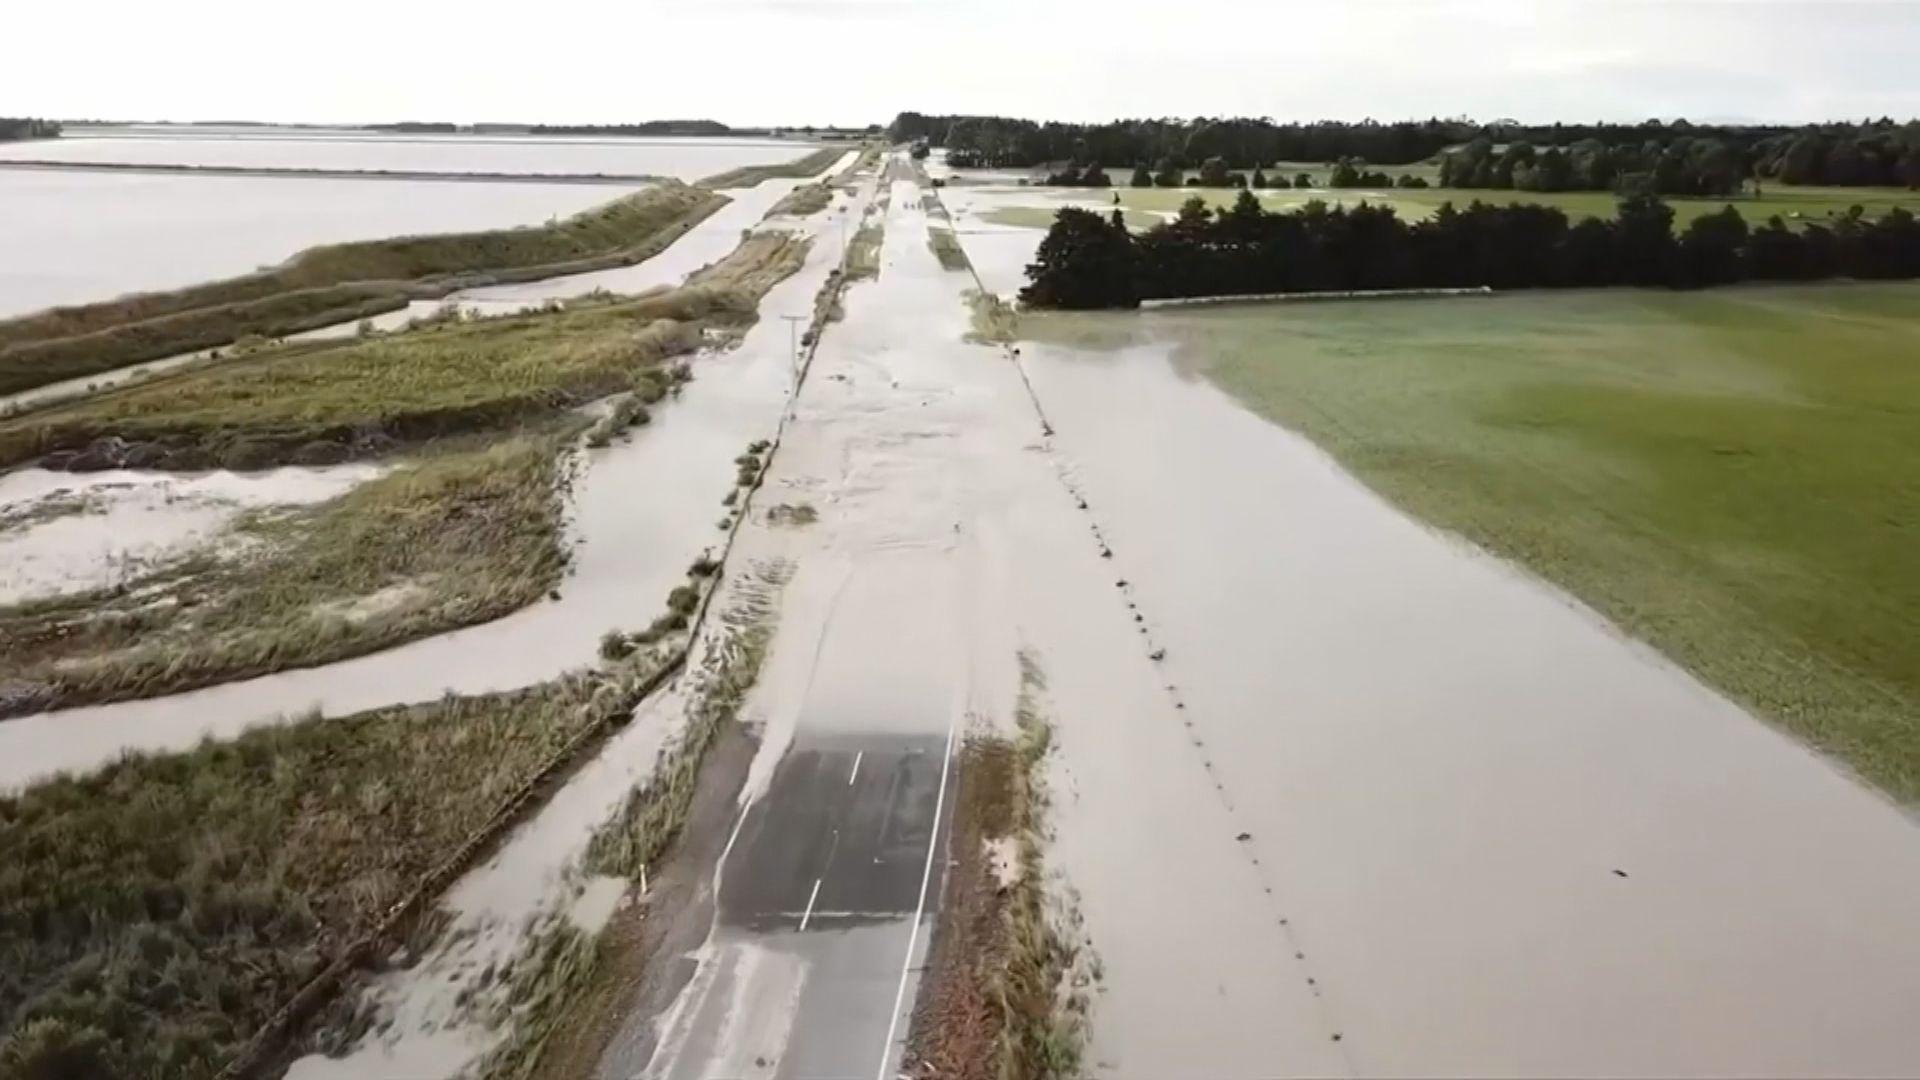 新西蘭暴雨成災 近千名旅客被困南島小鎮